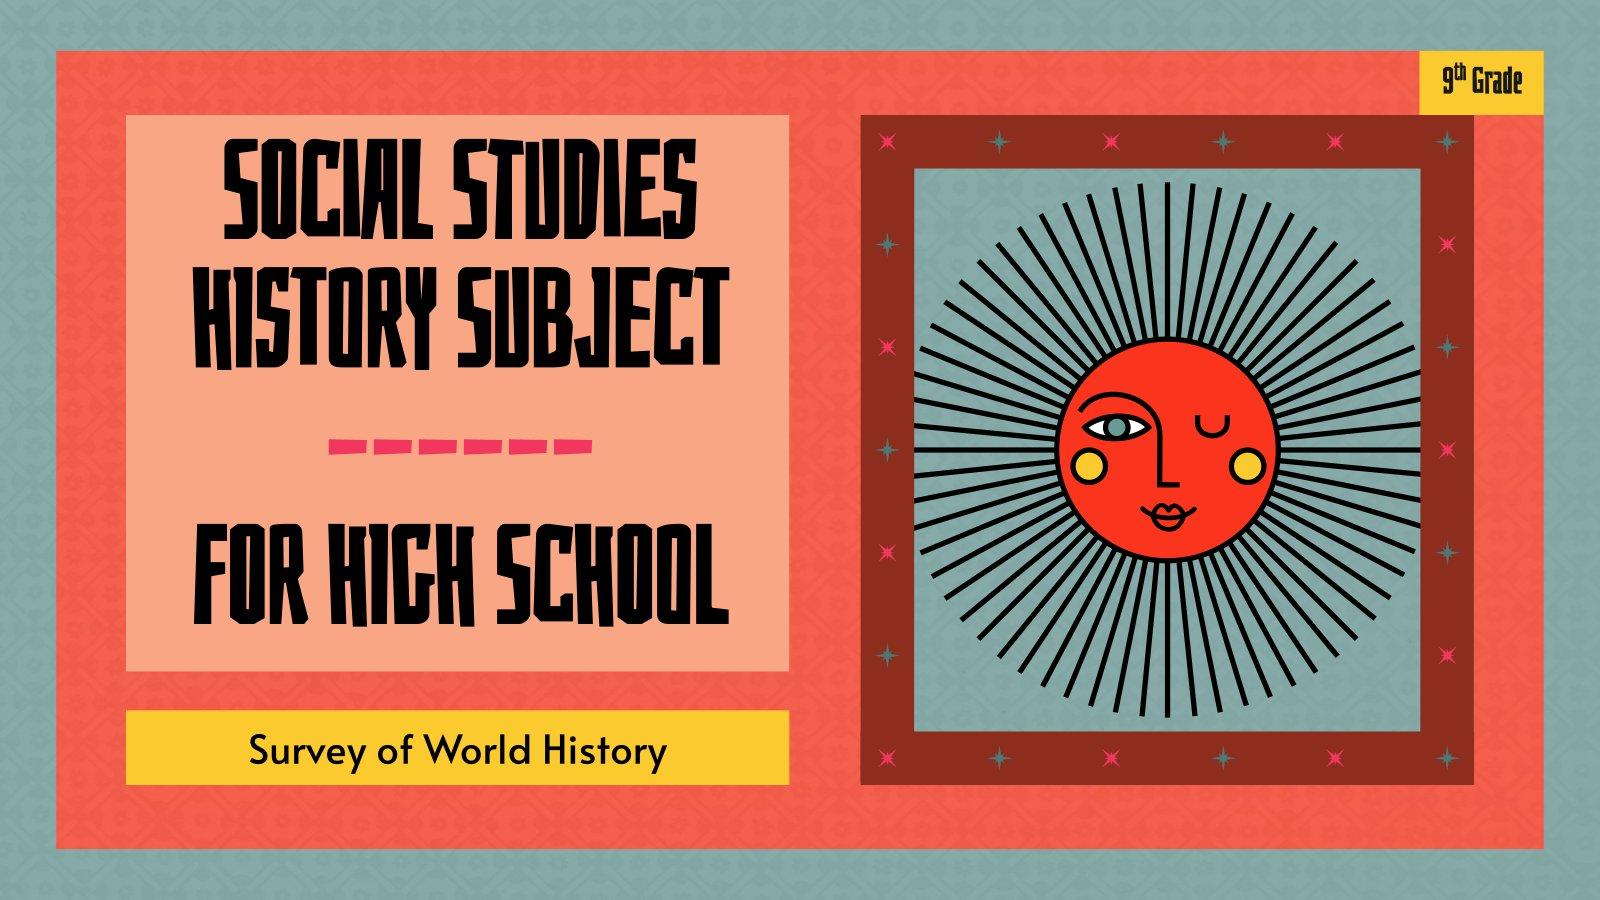 Etudes sociales et histoire pour l'école secondaire : Modèles de présentation